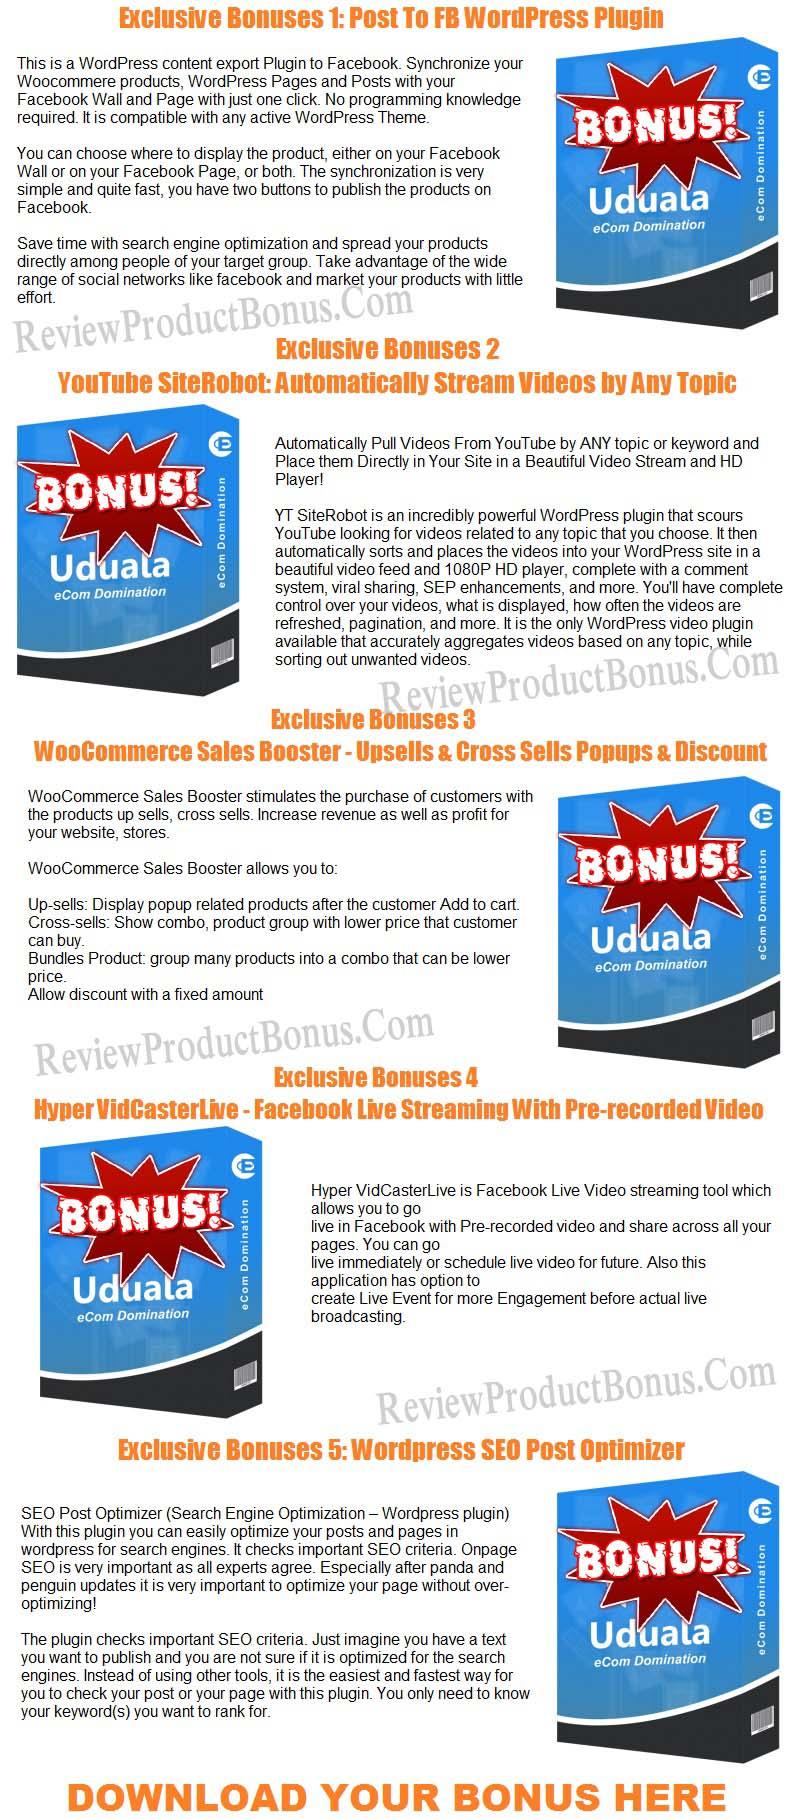 Uduala eCom Bonus